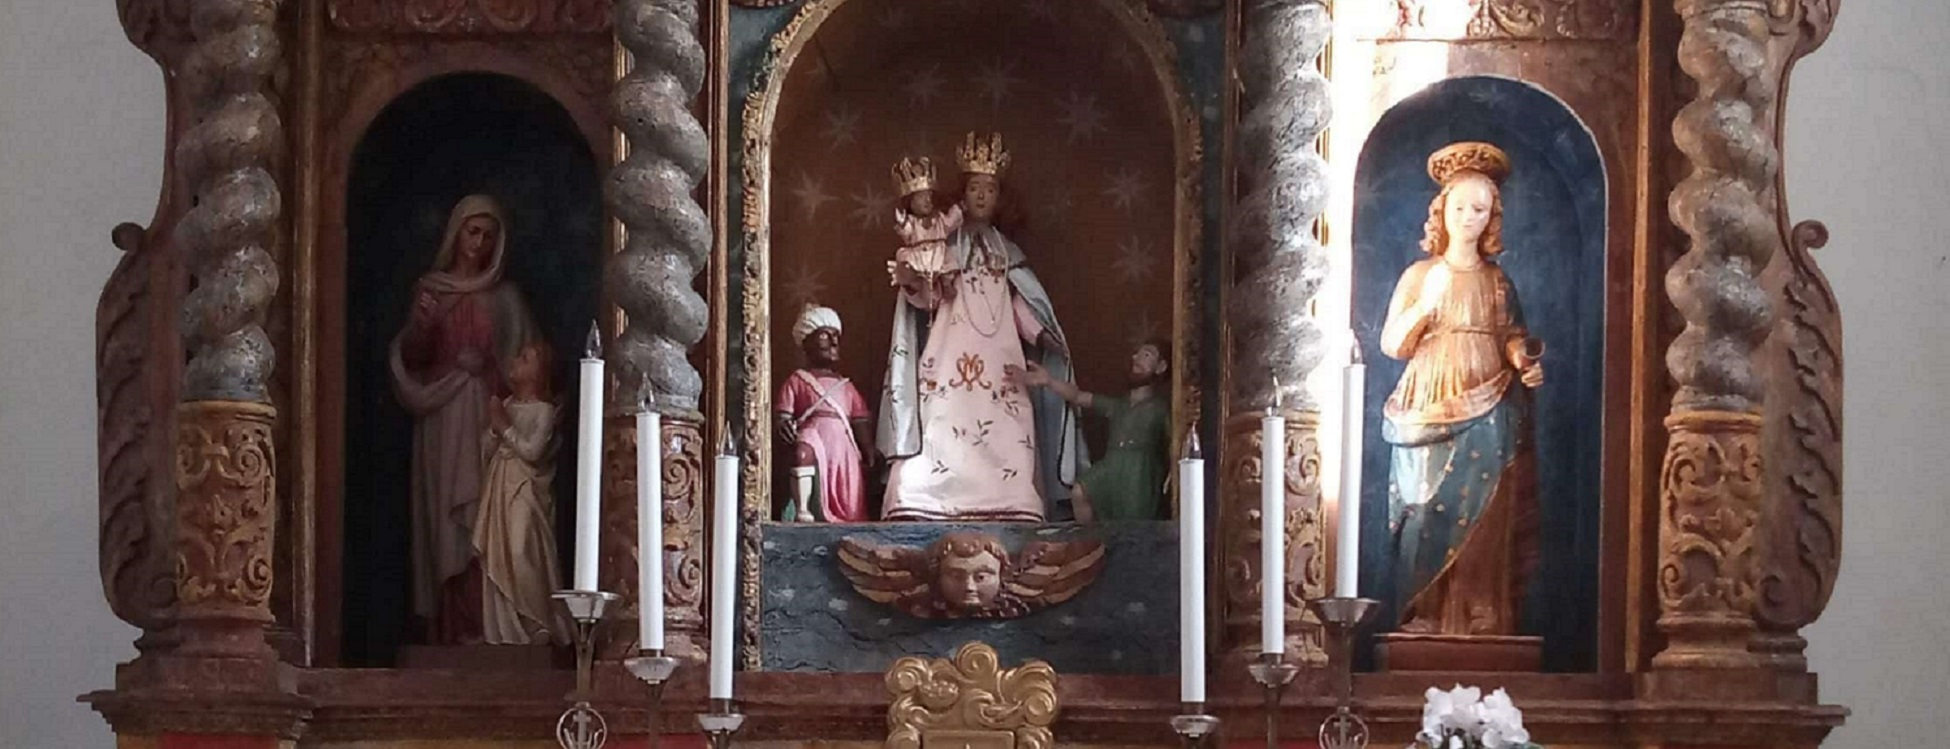 Chiesa della Madonna d'Itria – Retablo in legno policromo, particolare